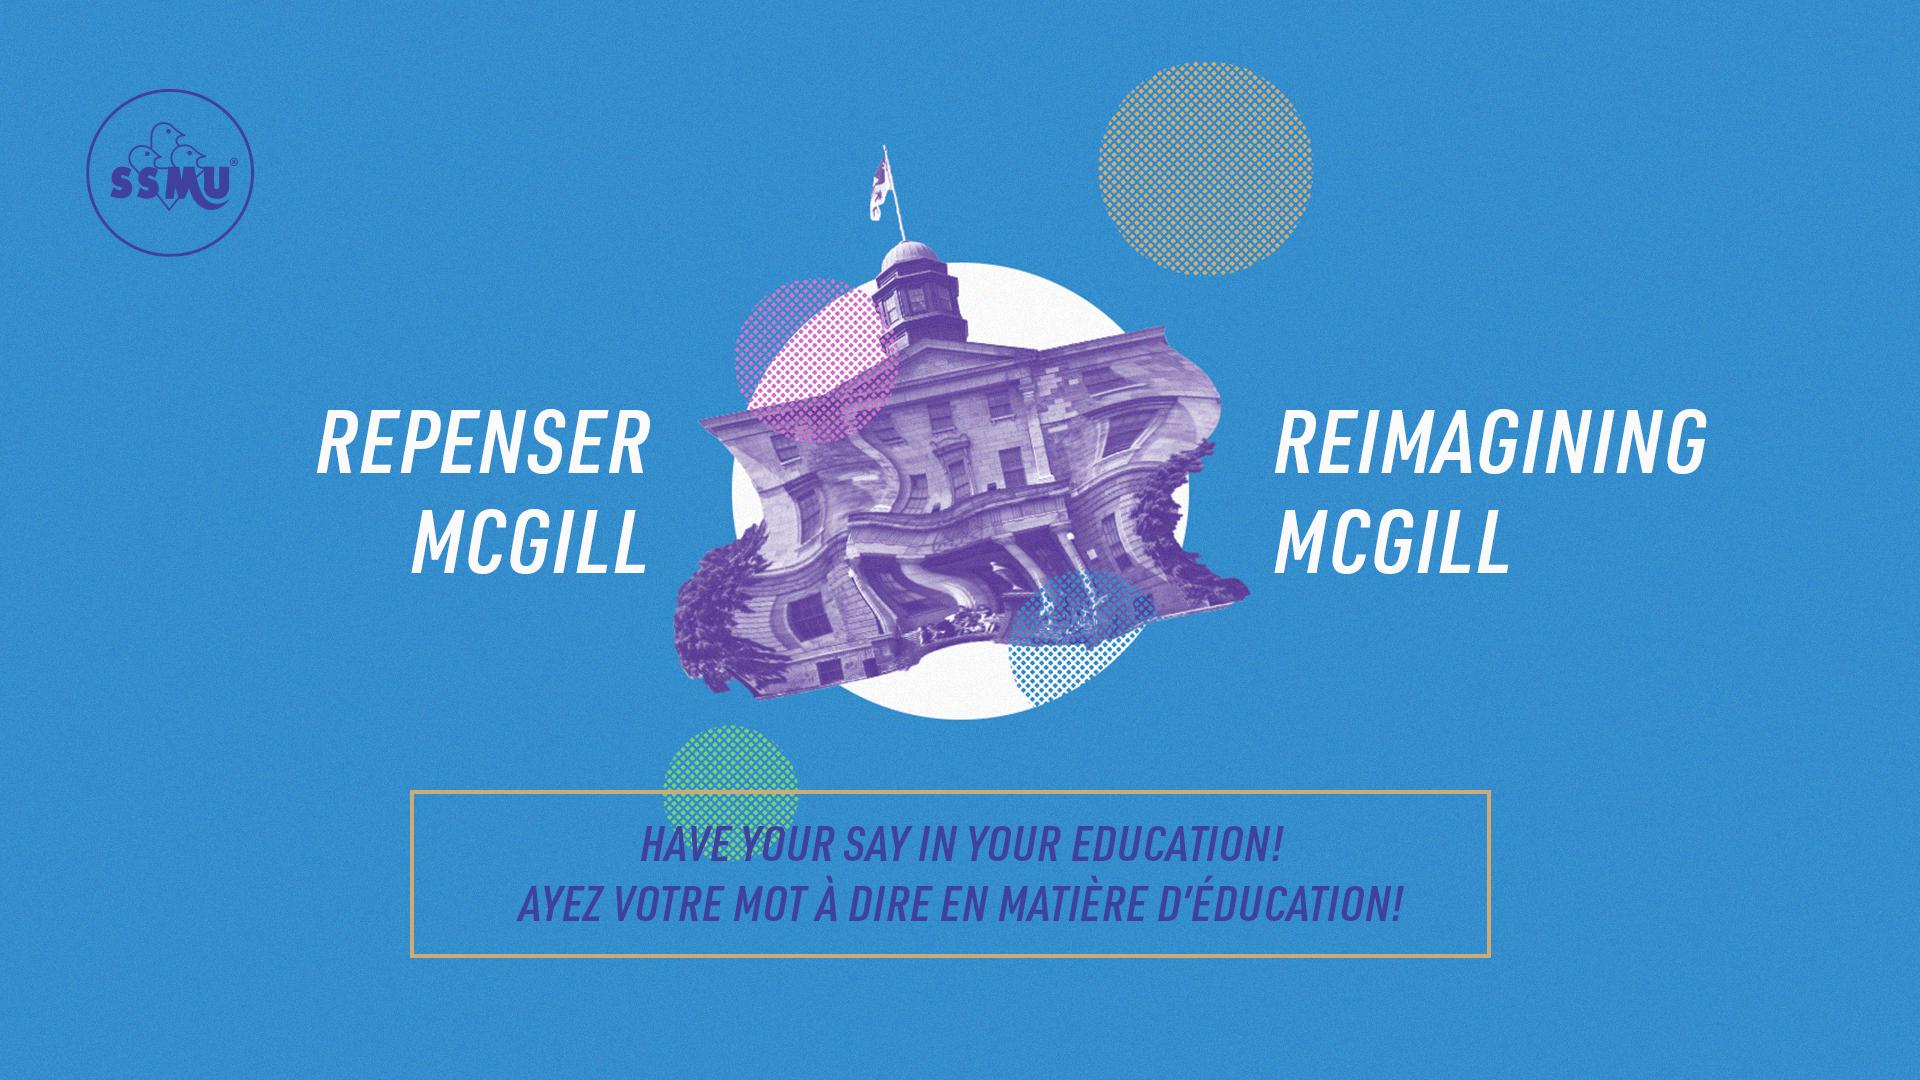 Reimagining McGill